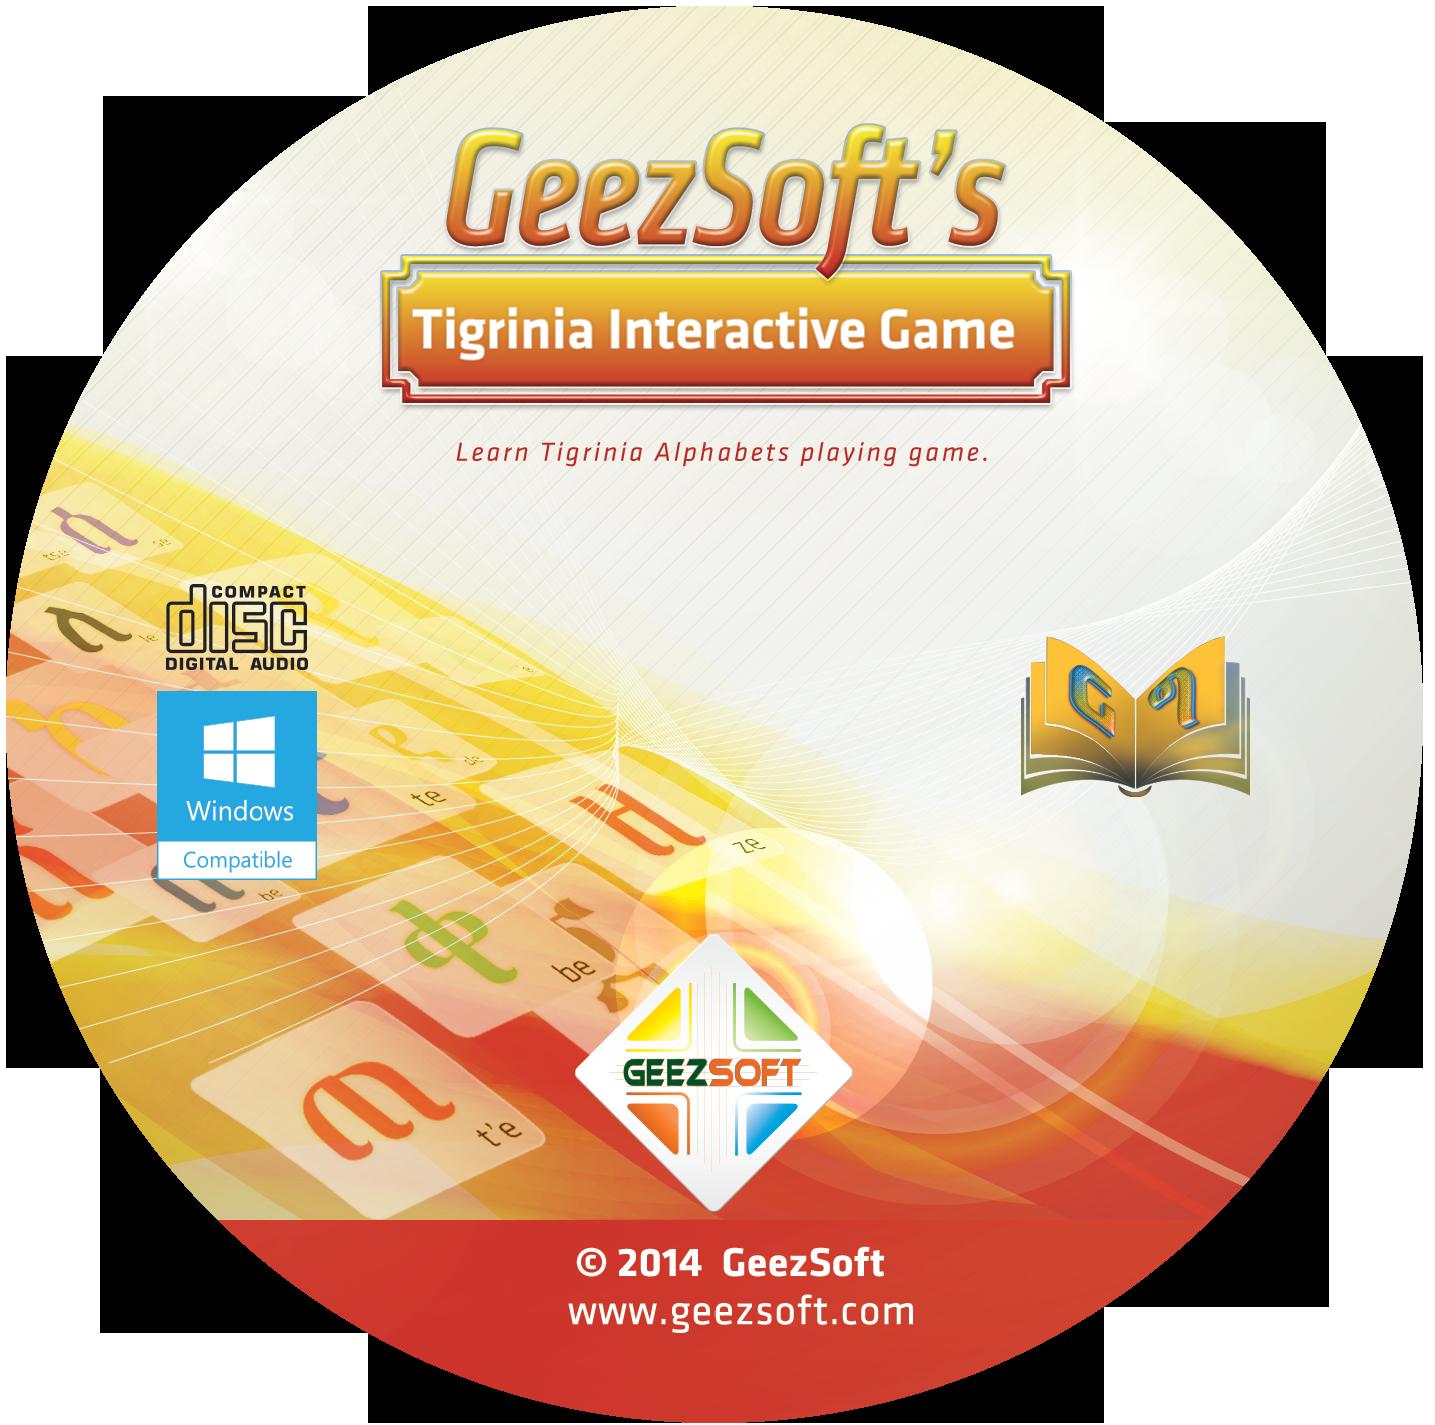 Geezsoft com | geez software developer and distributor